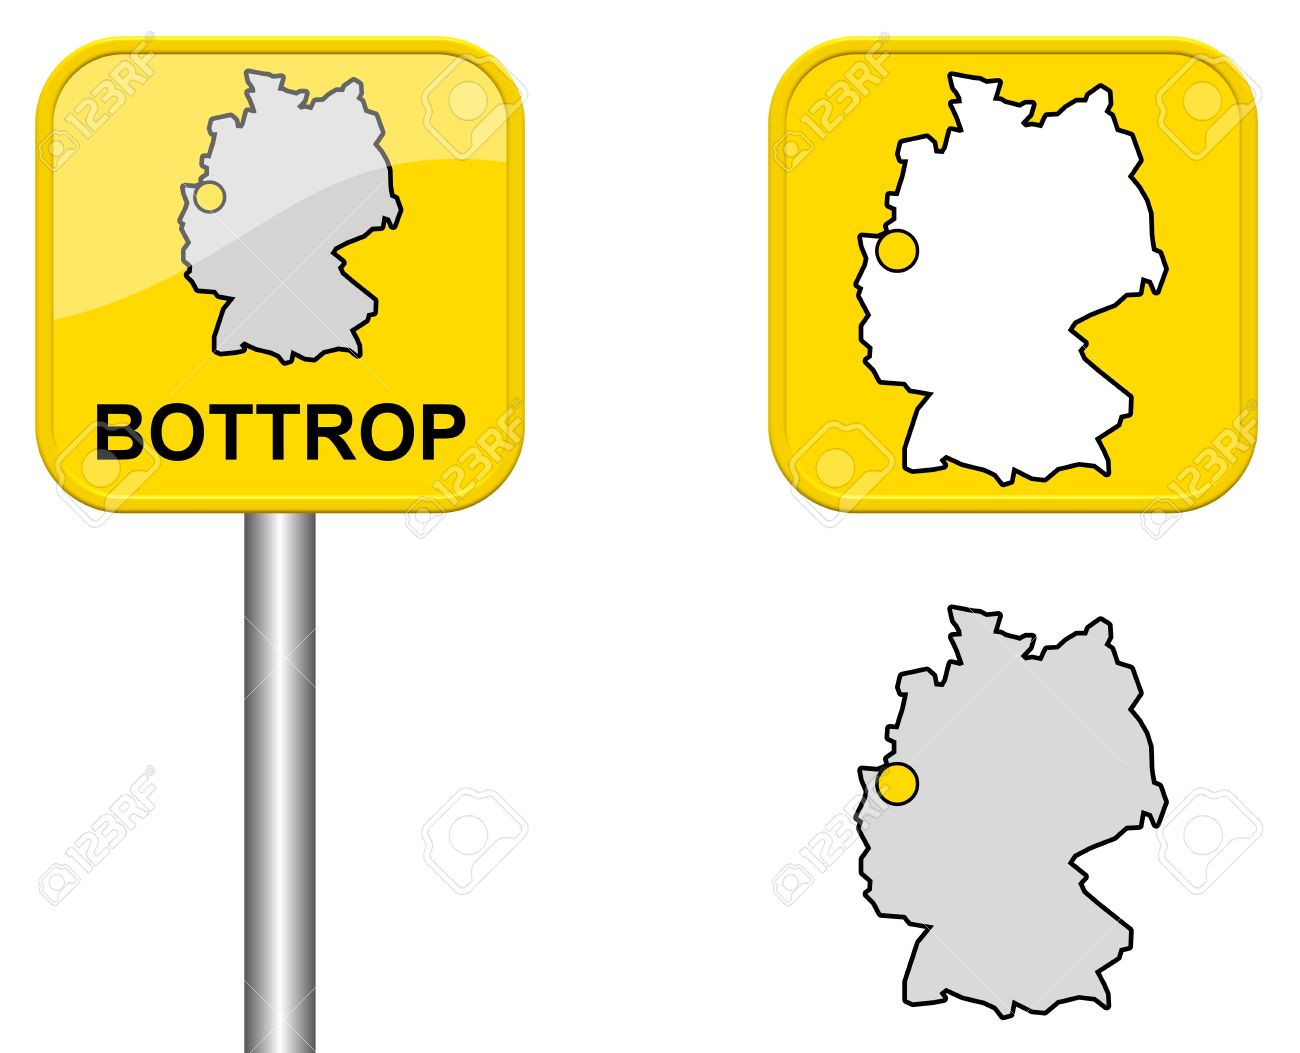 Bottrop.